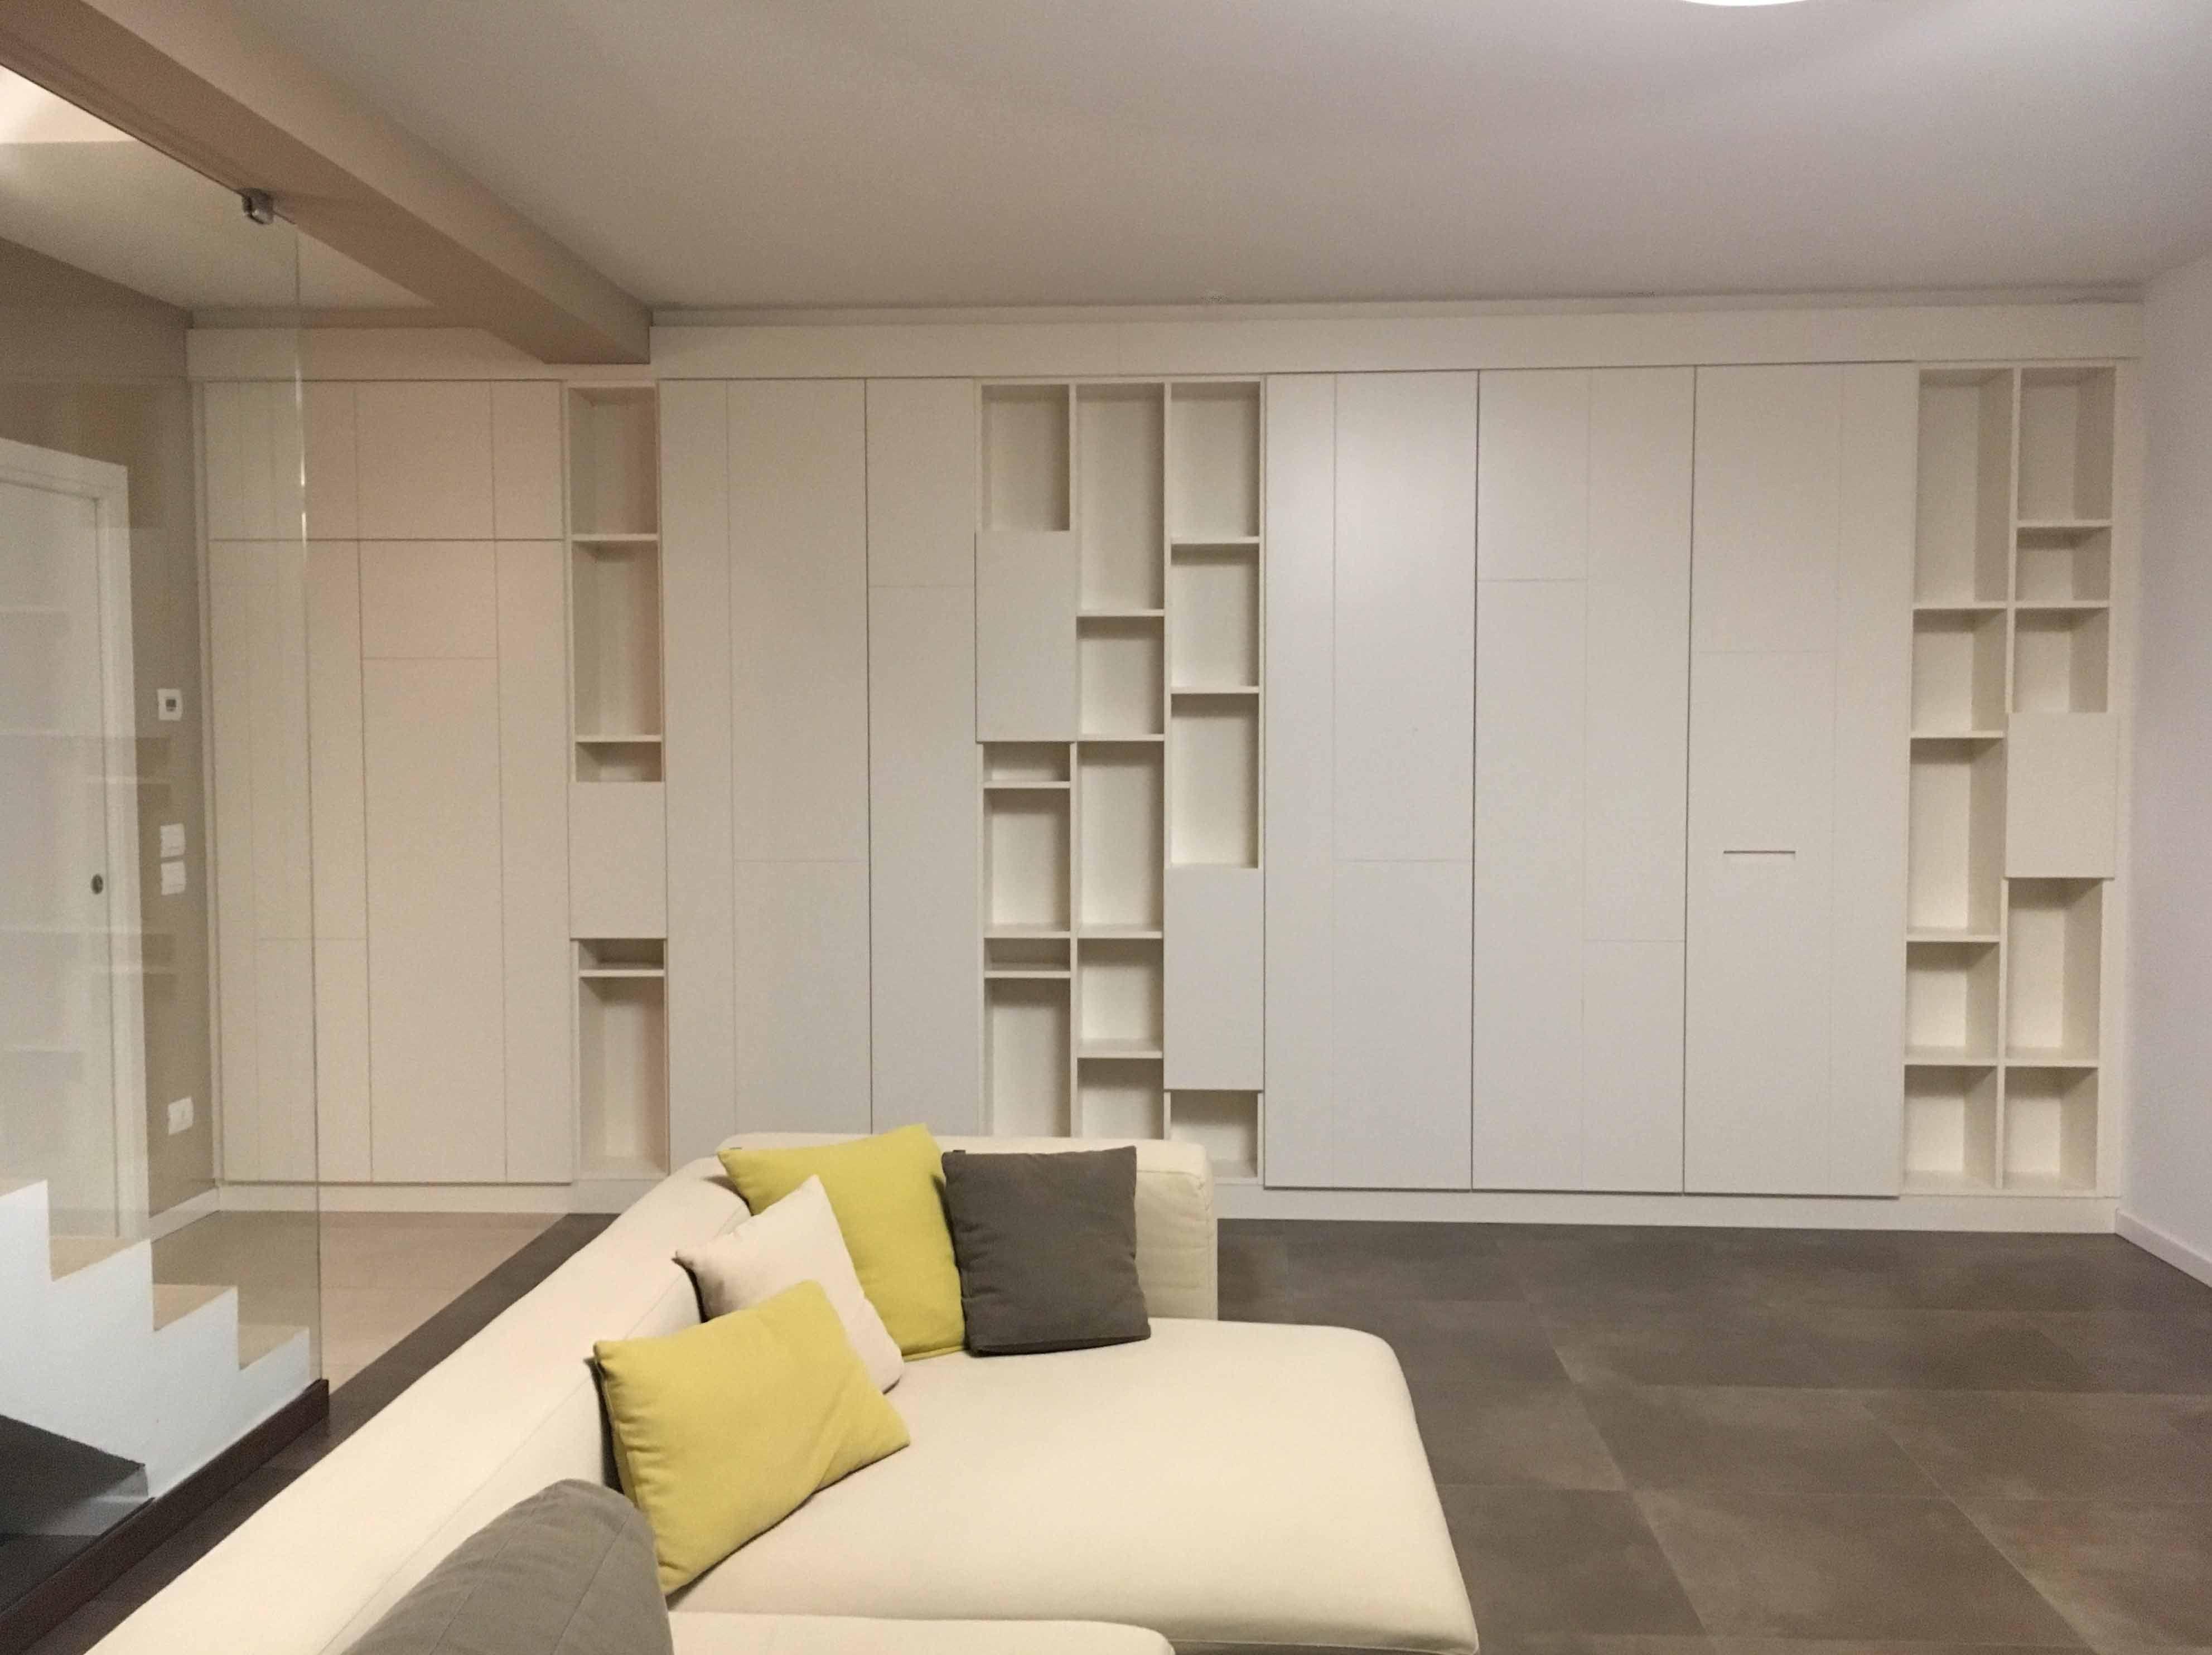 Armadio a muro, soggiorno, interni | Interni, Armadio a ...